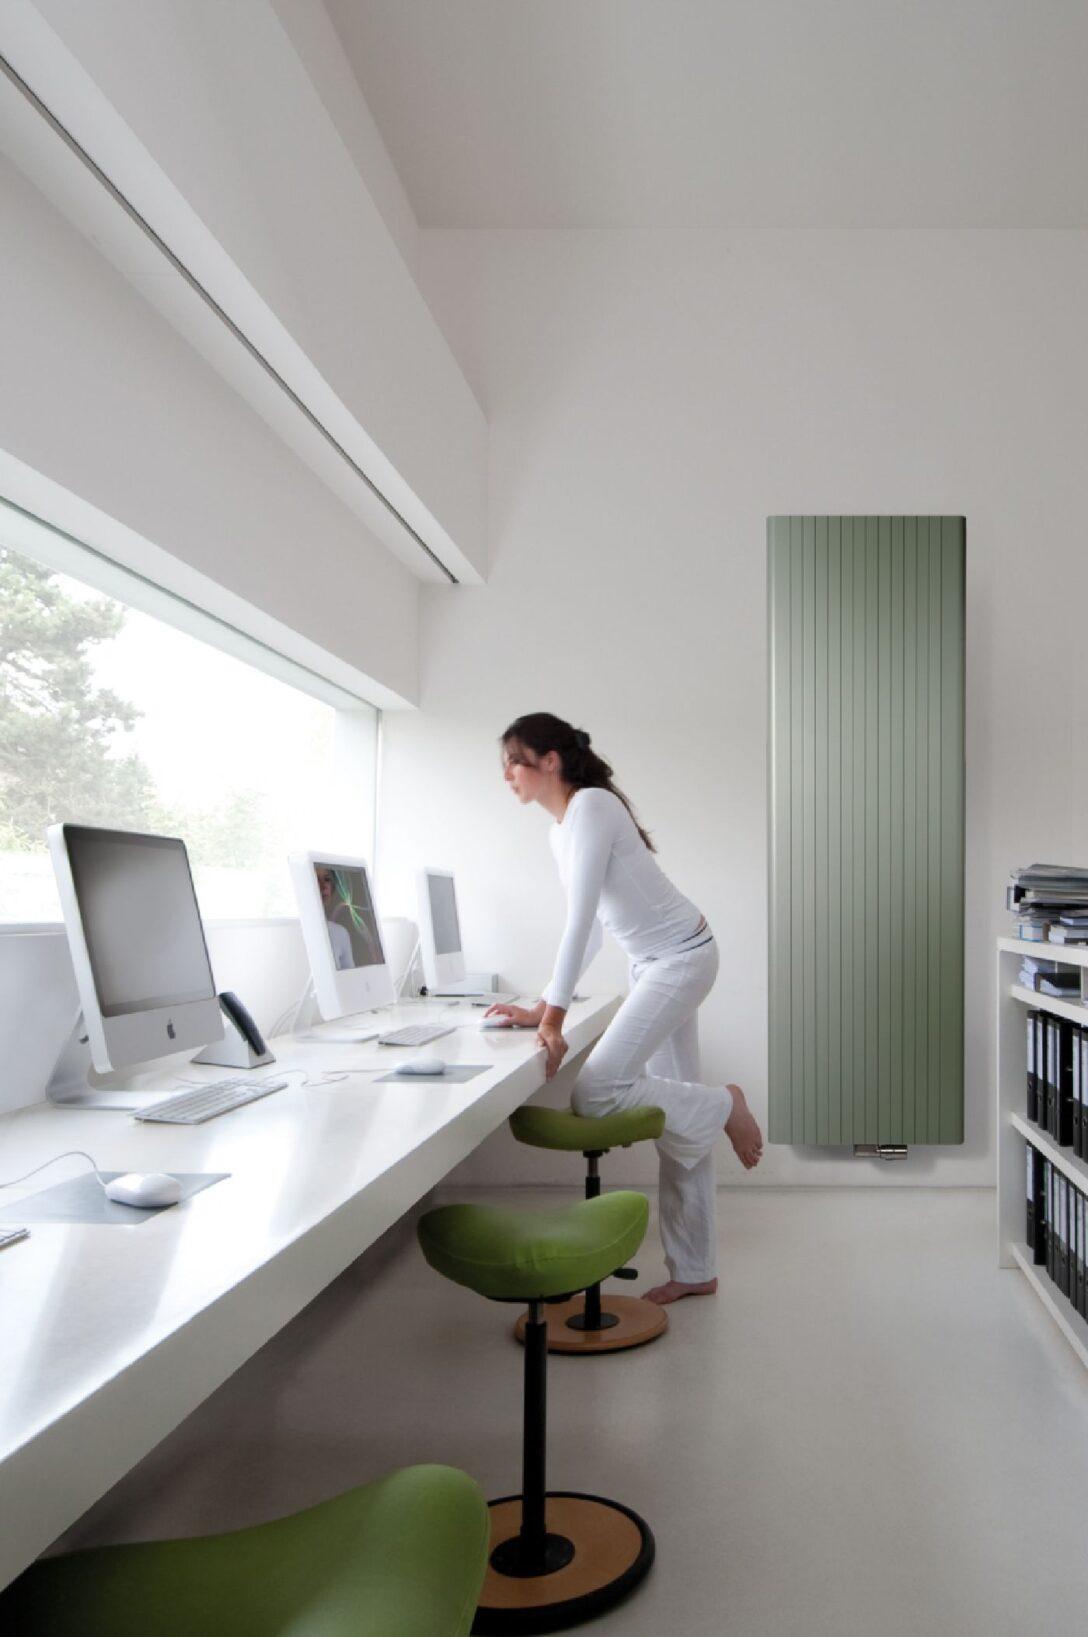 Large Size of Vasco Heizkörper Markenwelt Wohnzimmer Badezimmer Für Bad Elektroheizkörper Wohnzimmer Vasco Heizkörper